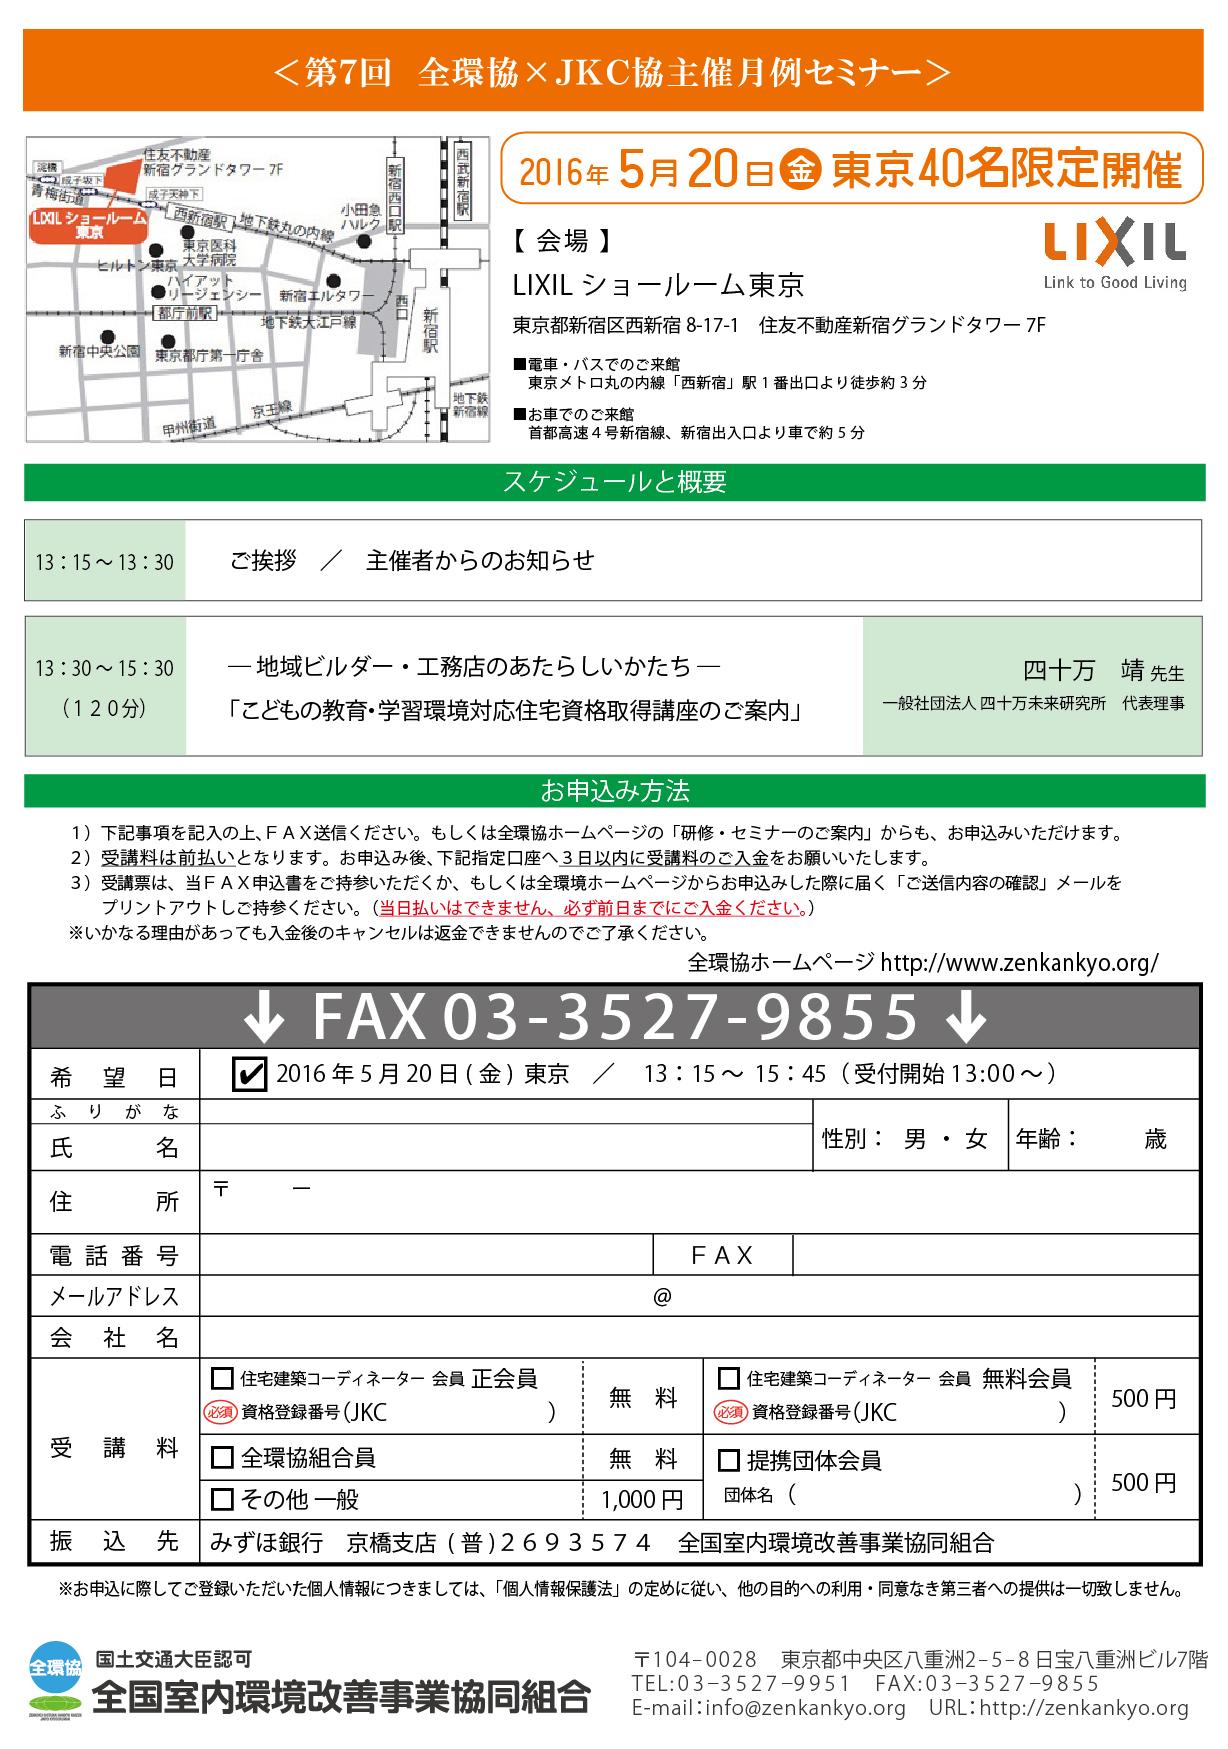 第7回全環協×JKC協会(ウラ)